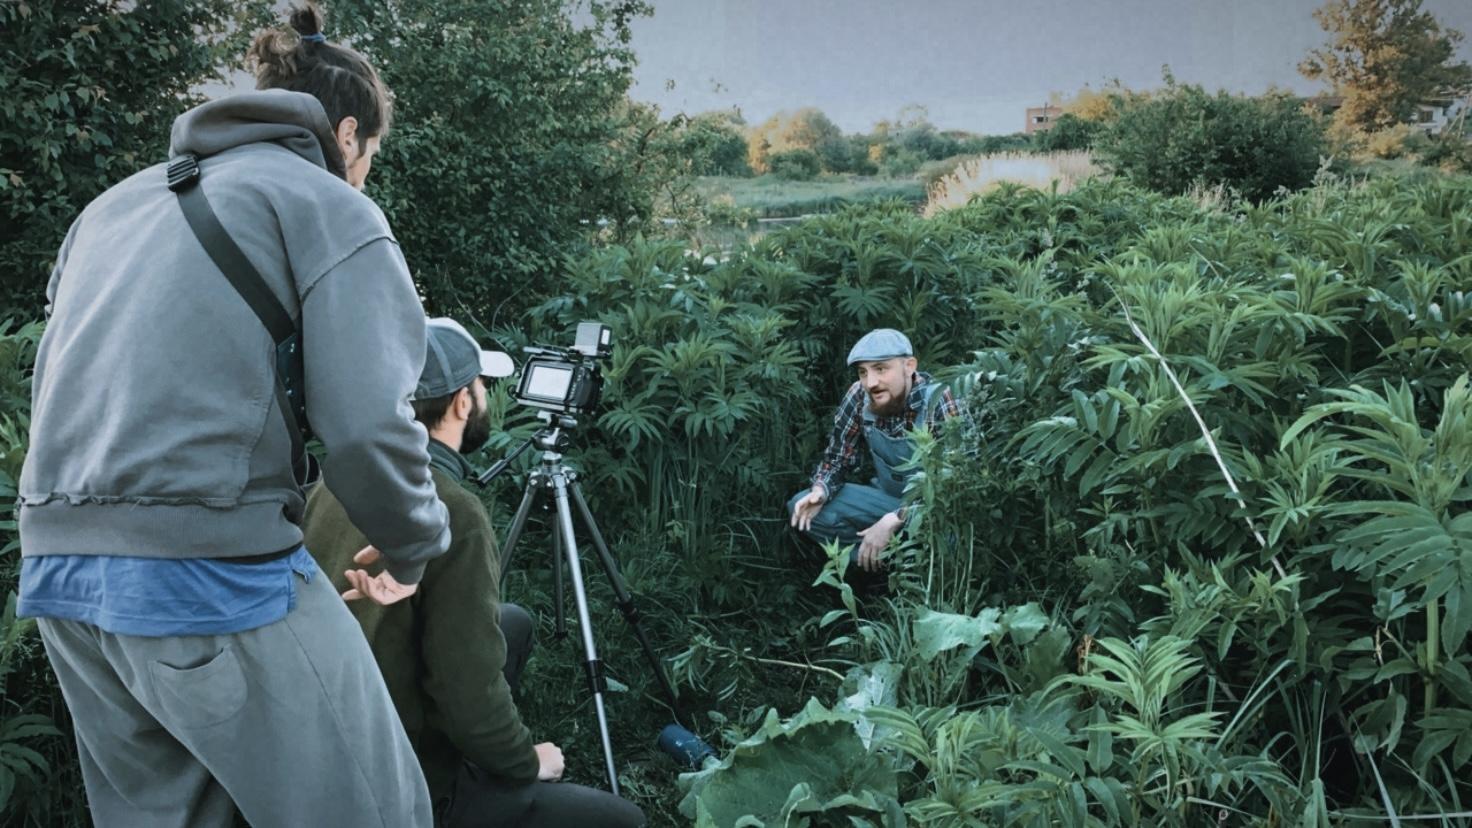 """Проект """"Культура on/off. Цифровые мосты"""": УКФ объединяет модных музыкантов и колоритные деревни в искусстве - фото №2"""